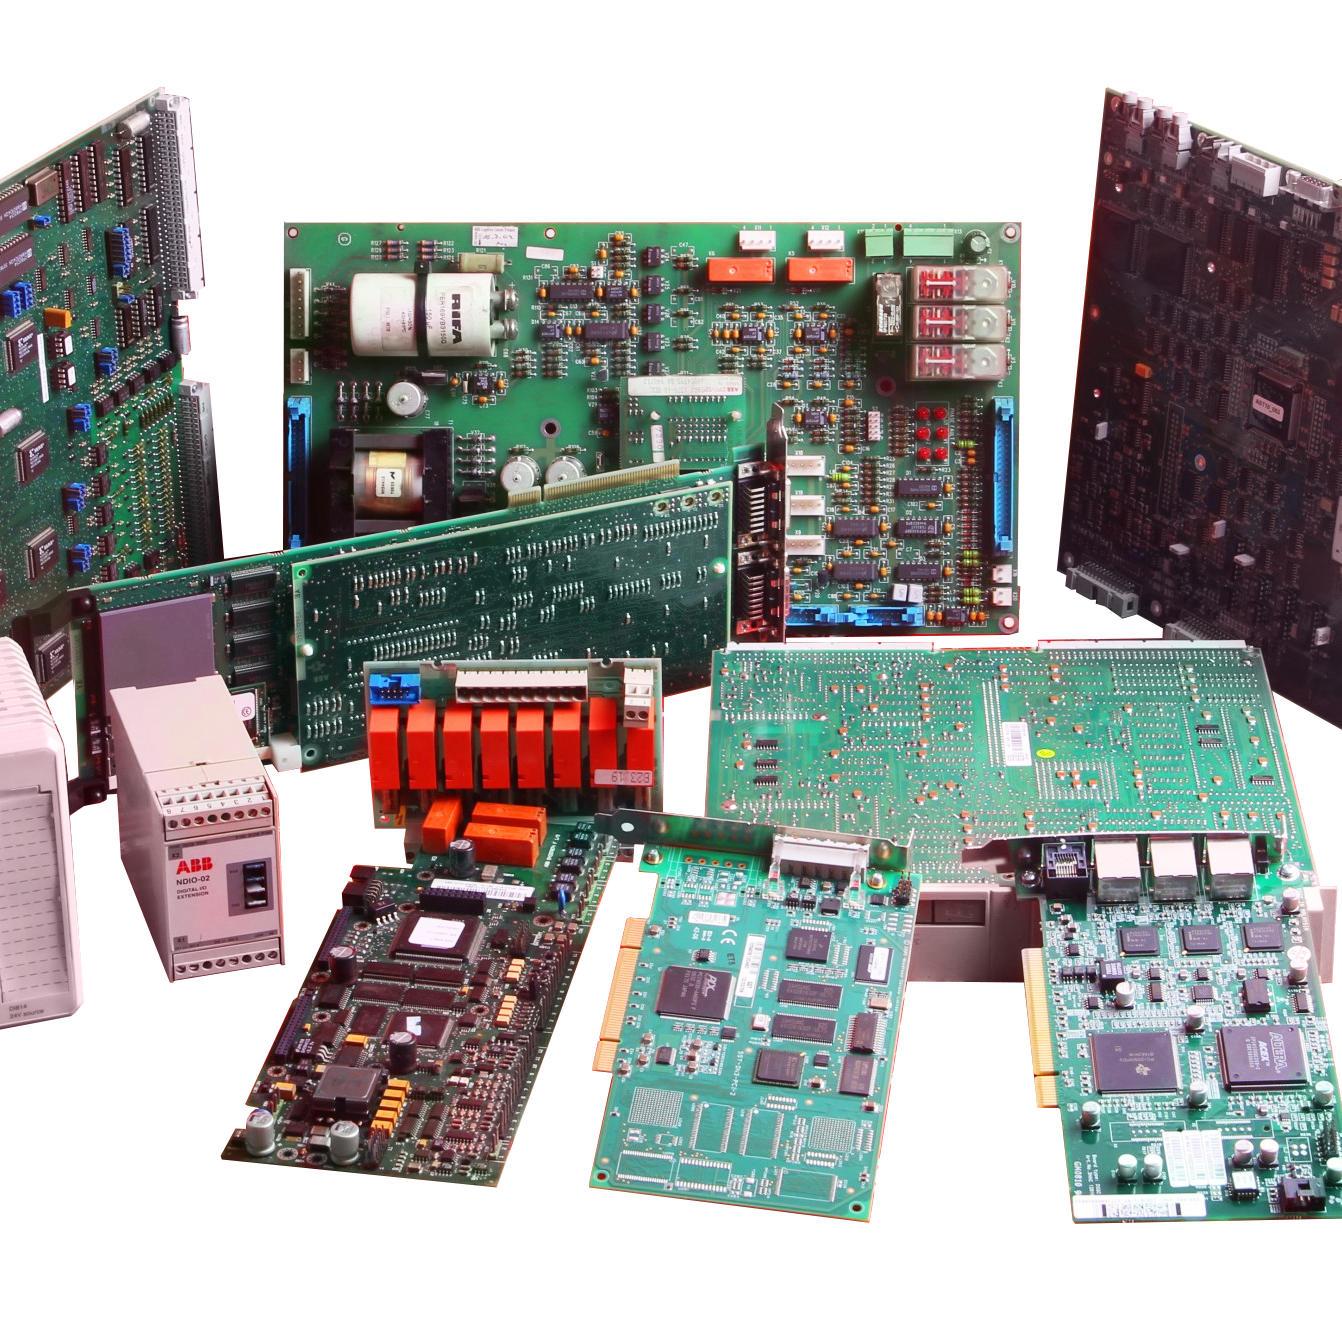 HIEE300890R0004   ABB 备件模块欧美进口